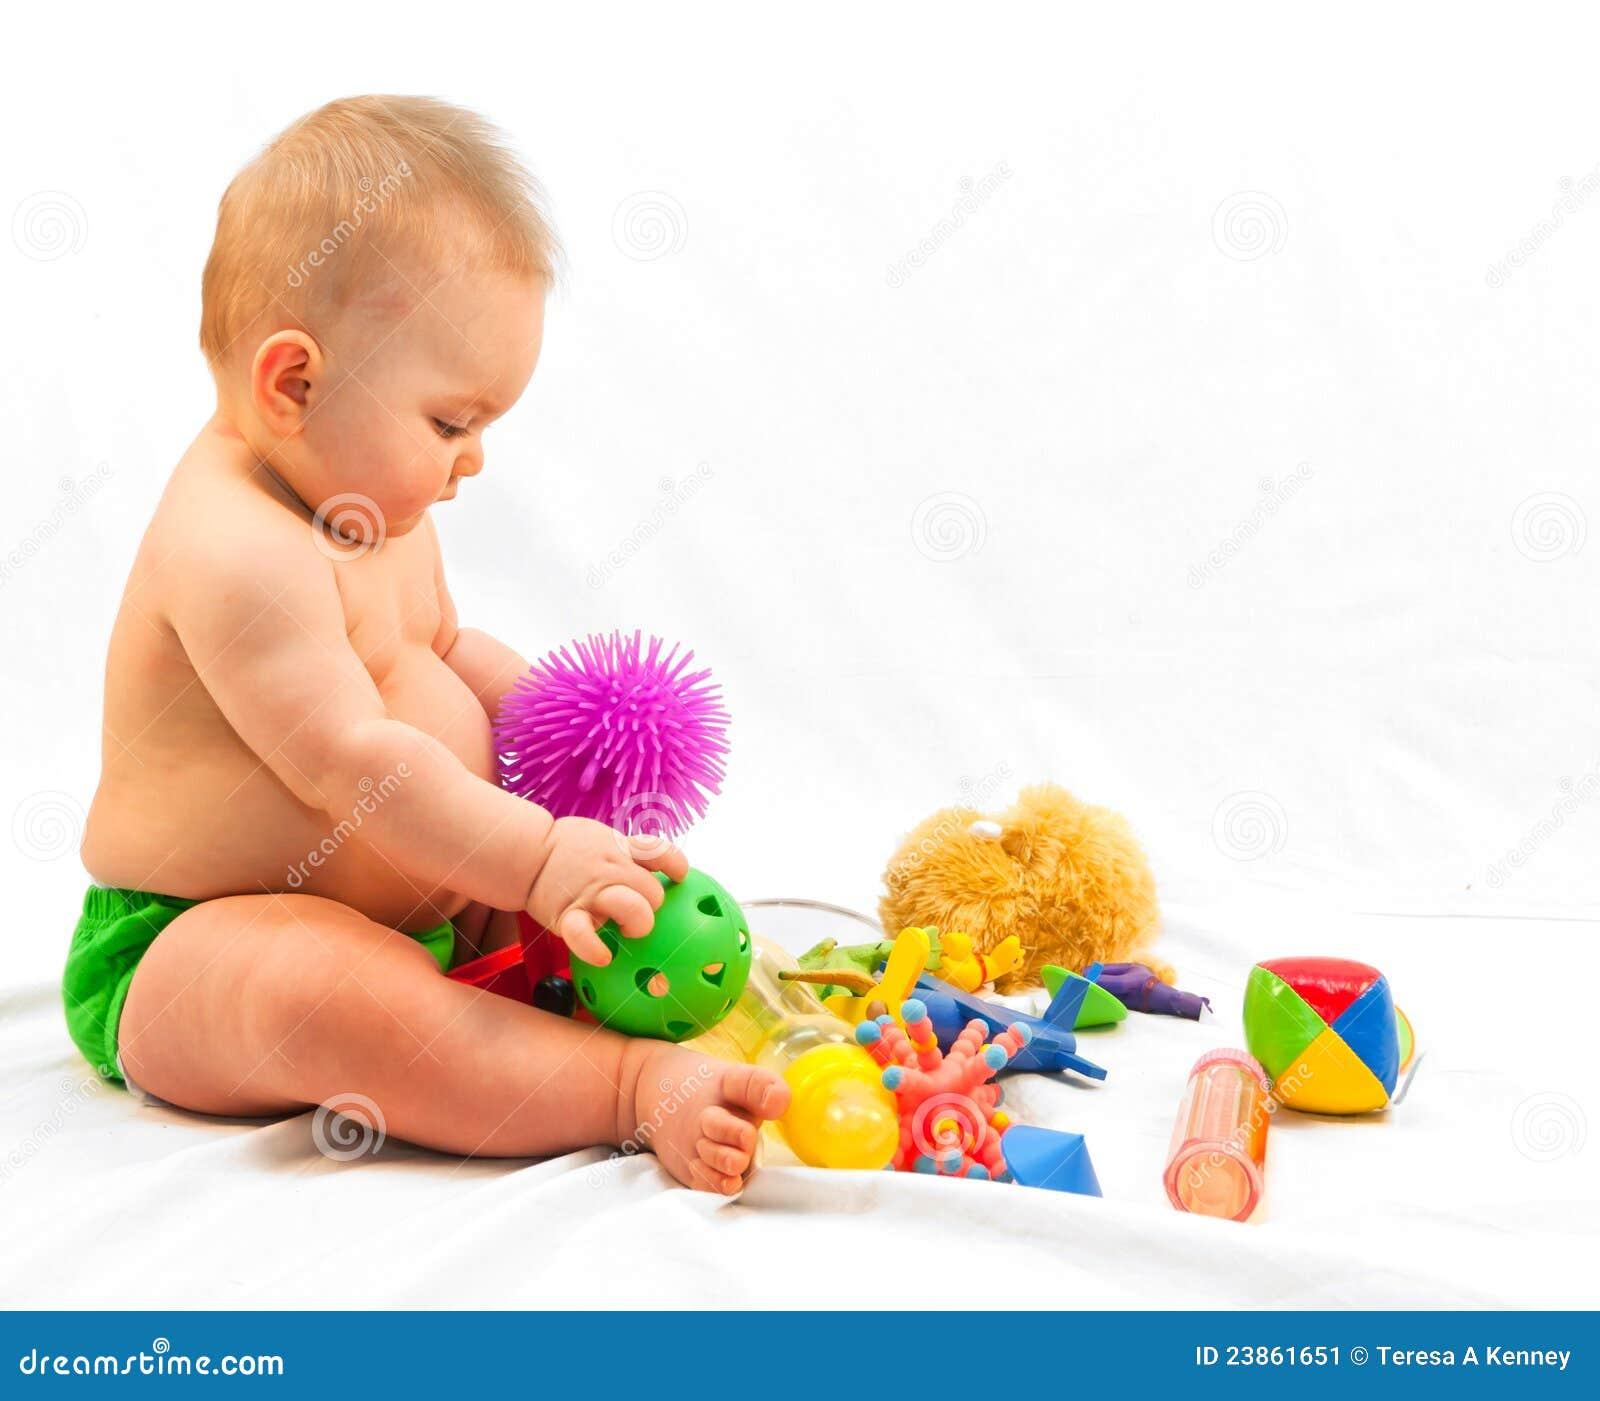 Palowe dziecko zabawki